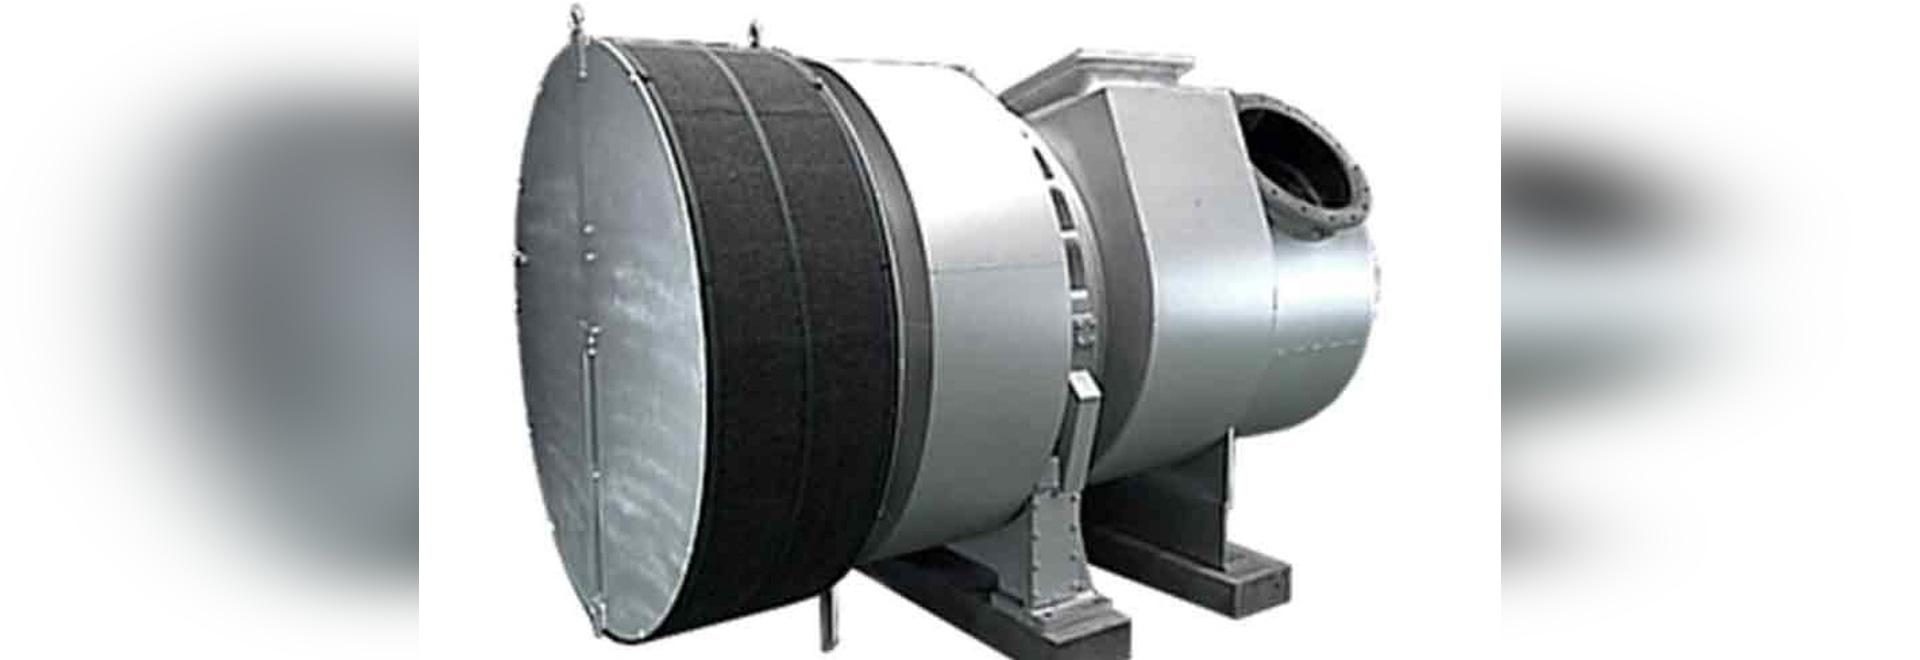 MET turbocharger